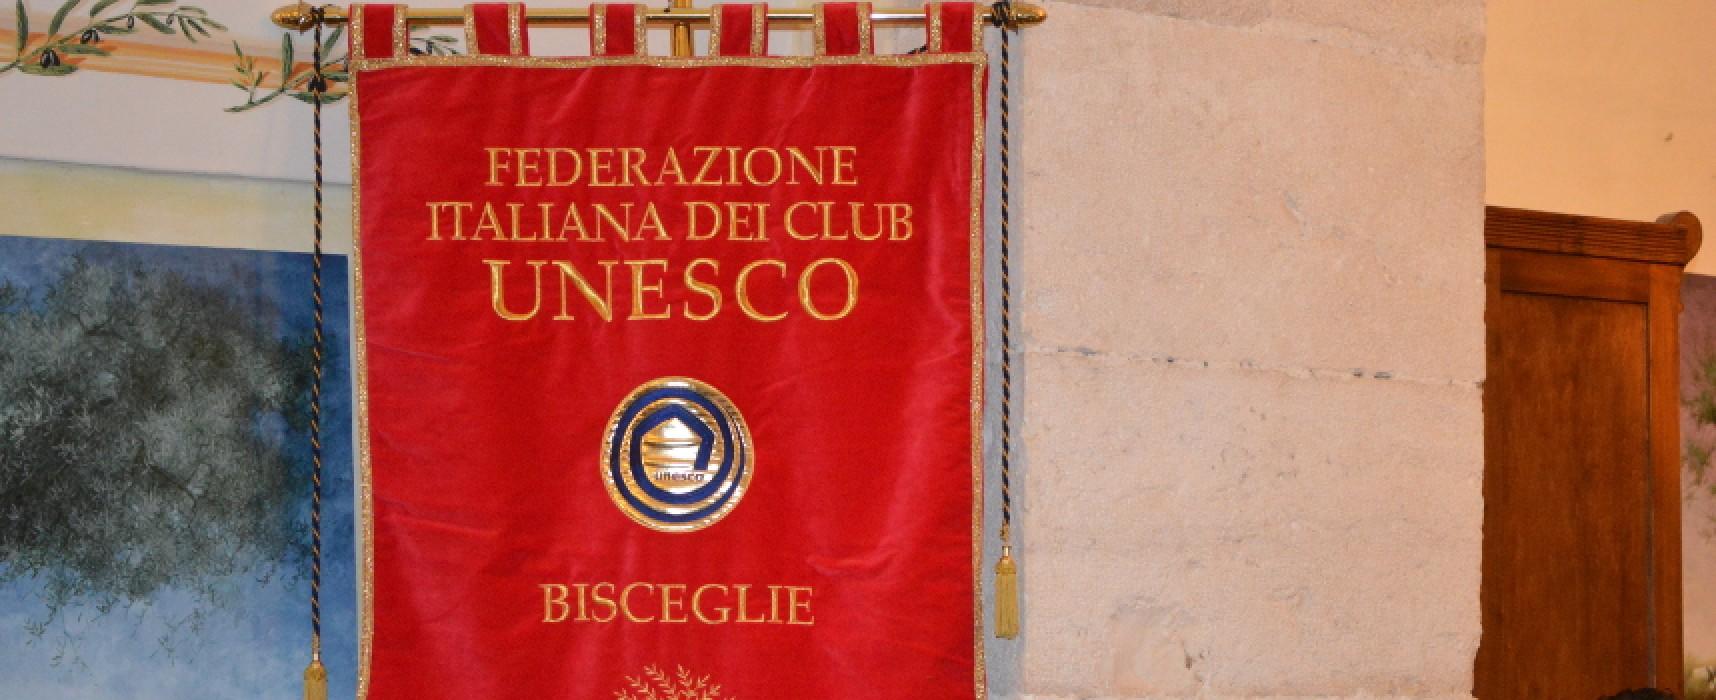 Club Unesco Bisceglie, tutela del verde al centro della mostra d'arte allestita a Napoli